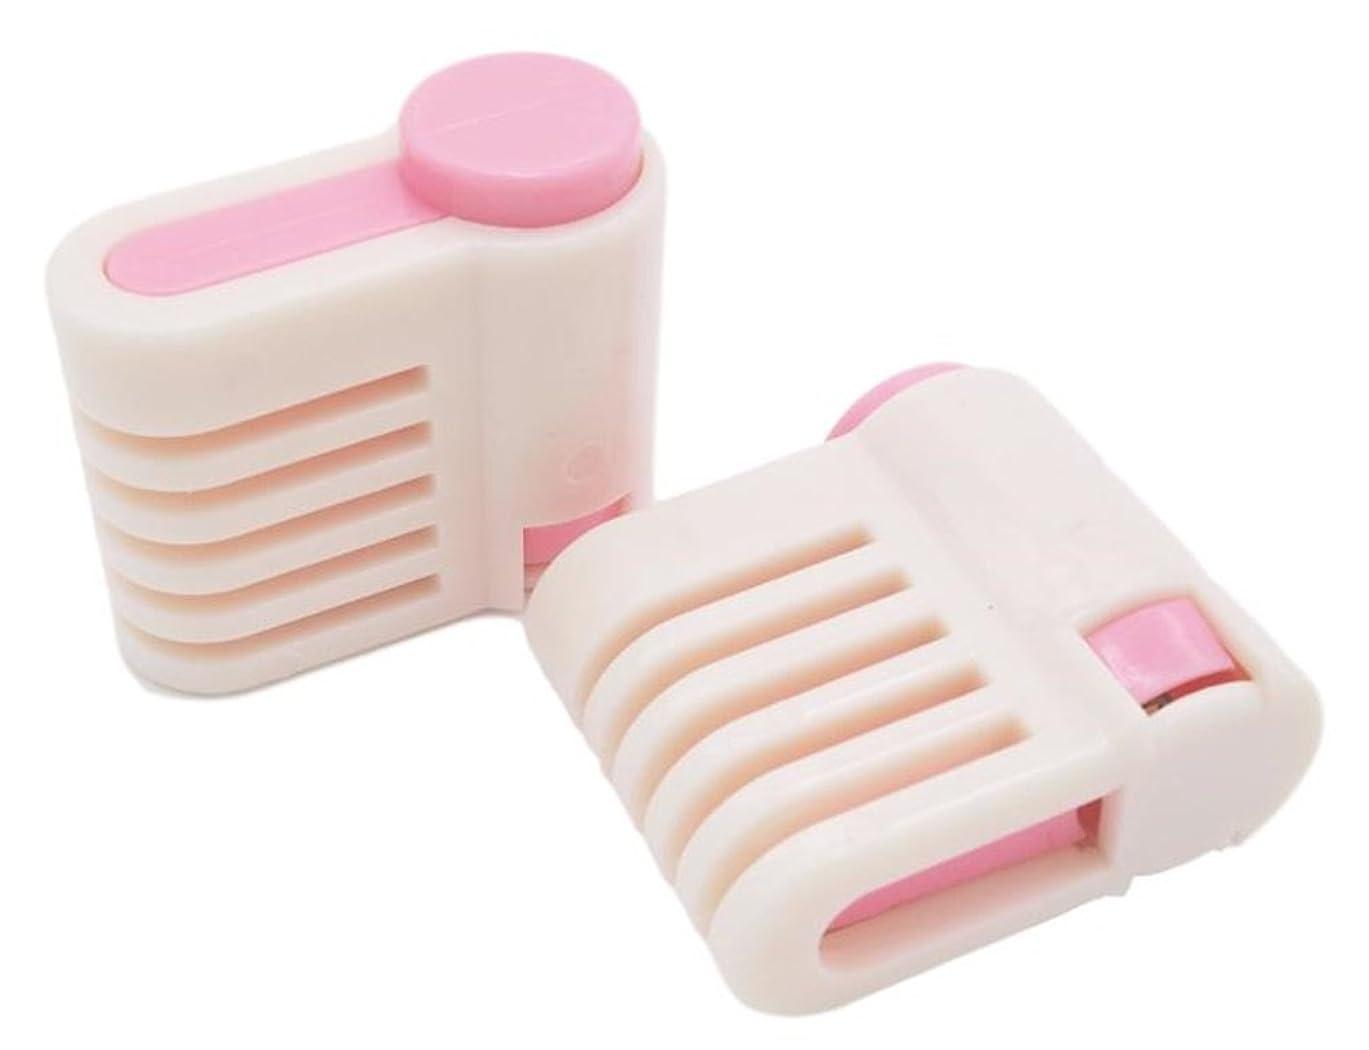 起きる成り立つ無関心(SOWAKA) 均一 カット ケーキ スライサー 補助具 2個 セット (ピンク)